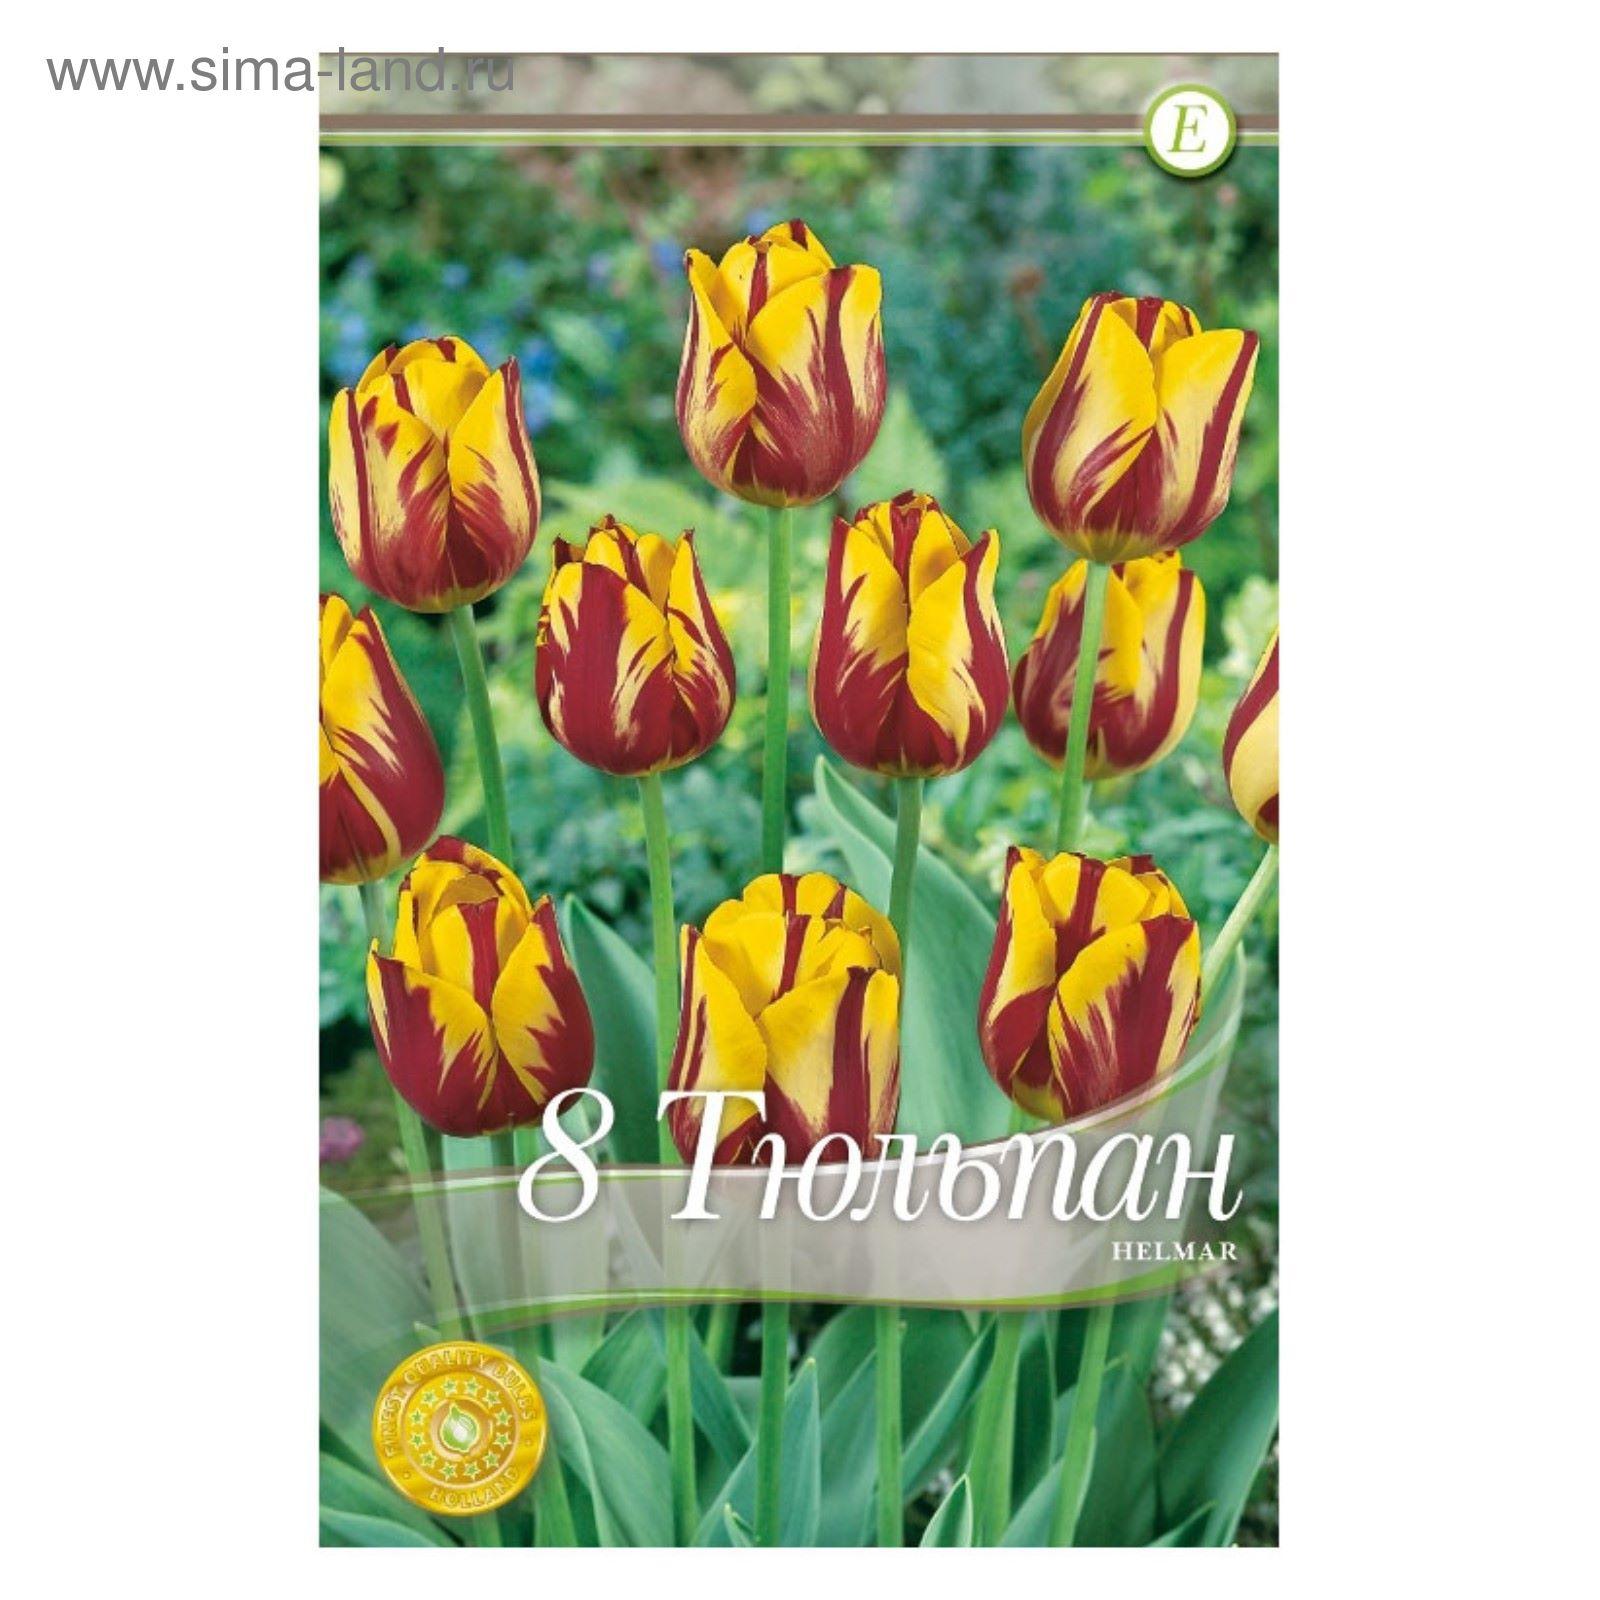 1e1672b88 Мини-витрина Тюльпаны Простые Поздние Хелмар 200 шт (2491864 ...